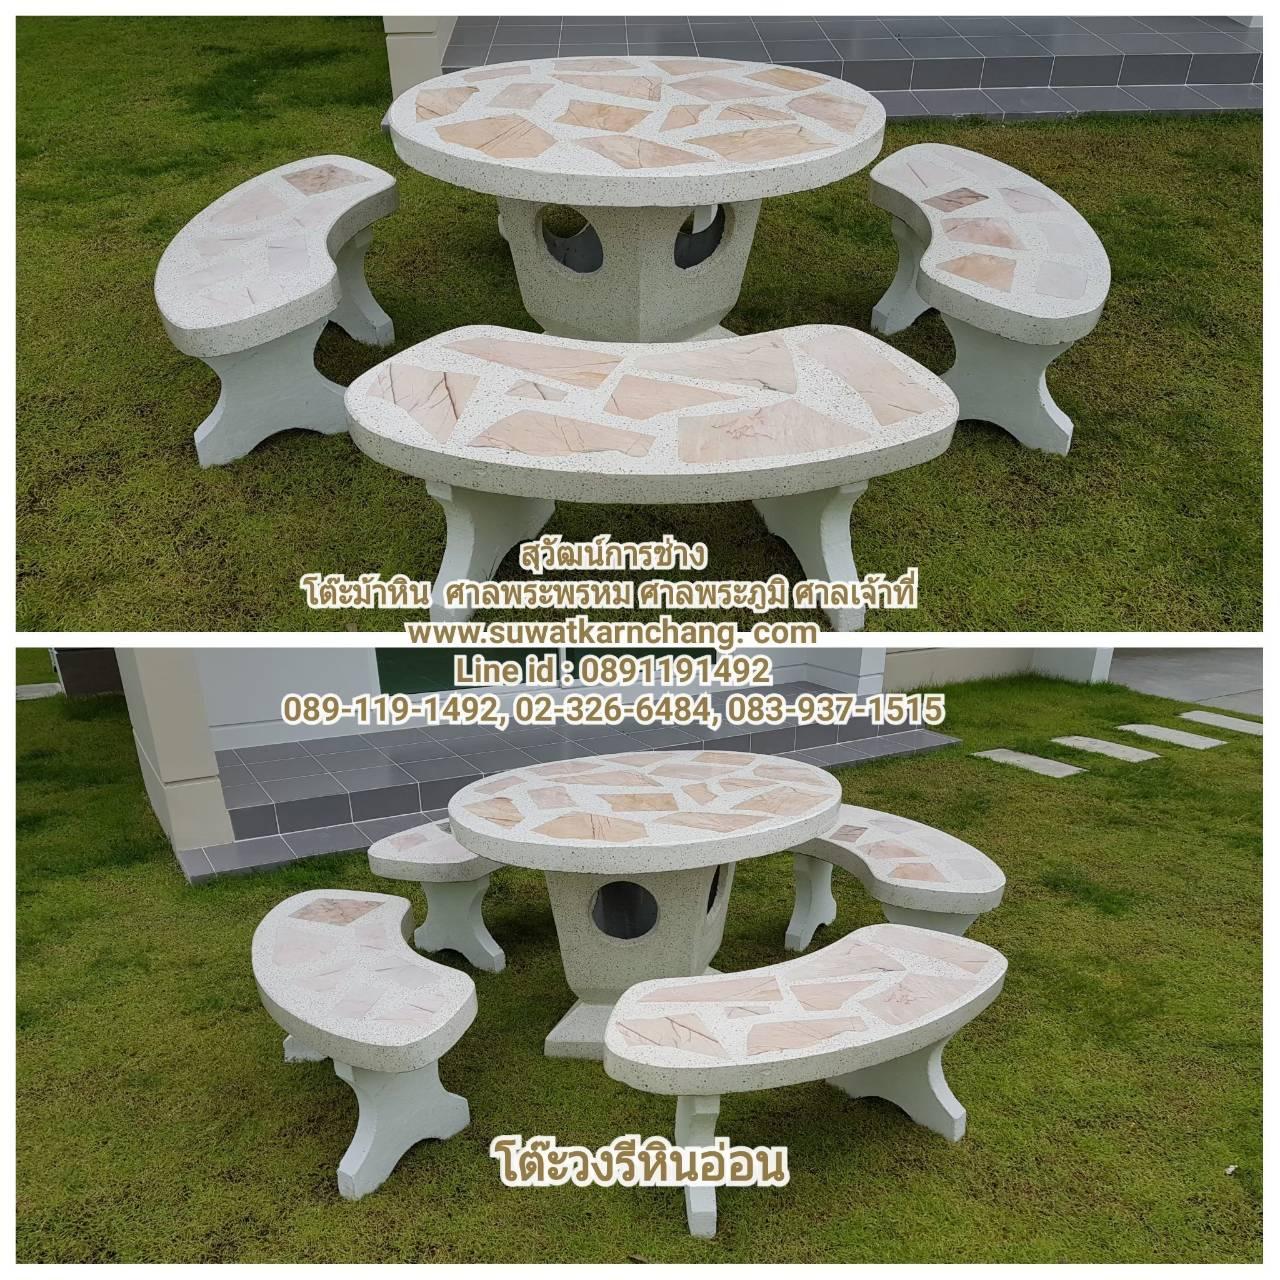 โต๊ะวงรีหินอ่อน หน้า 80*105 ซม. ตัวนั่ง 4 ตัว